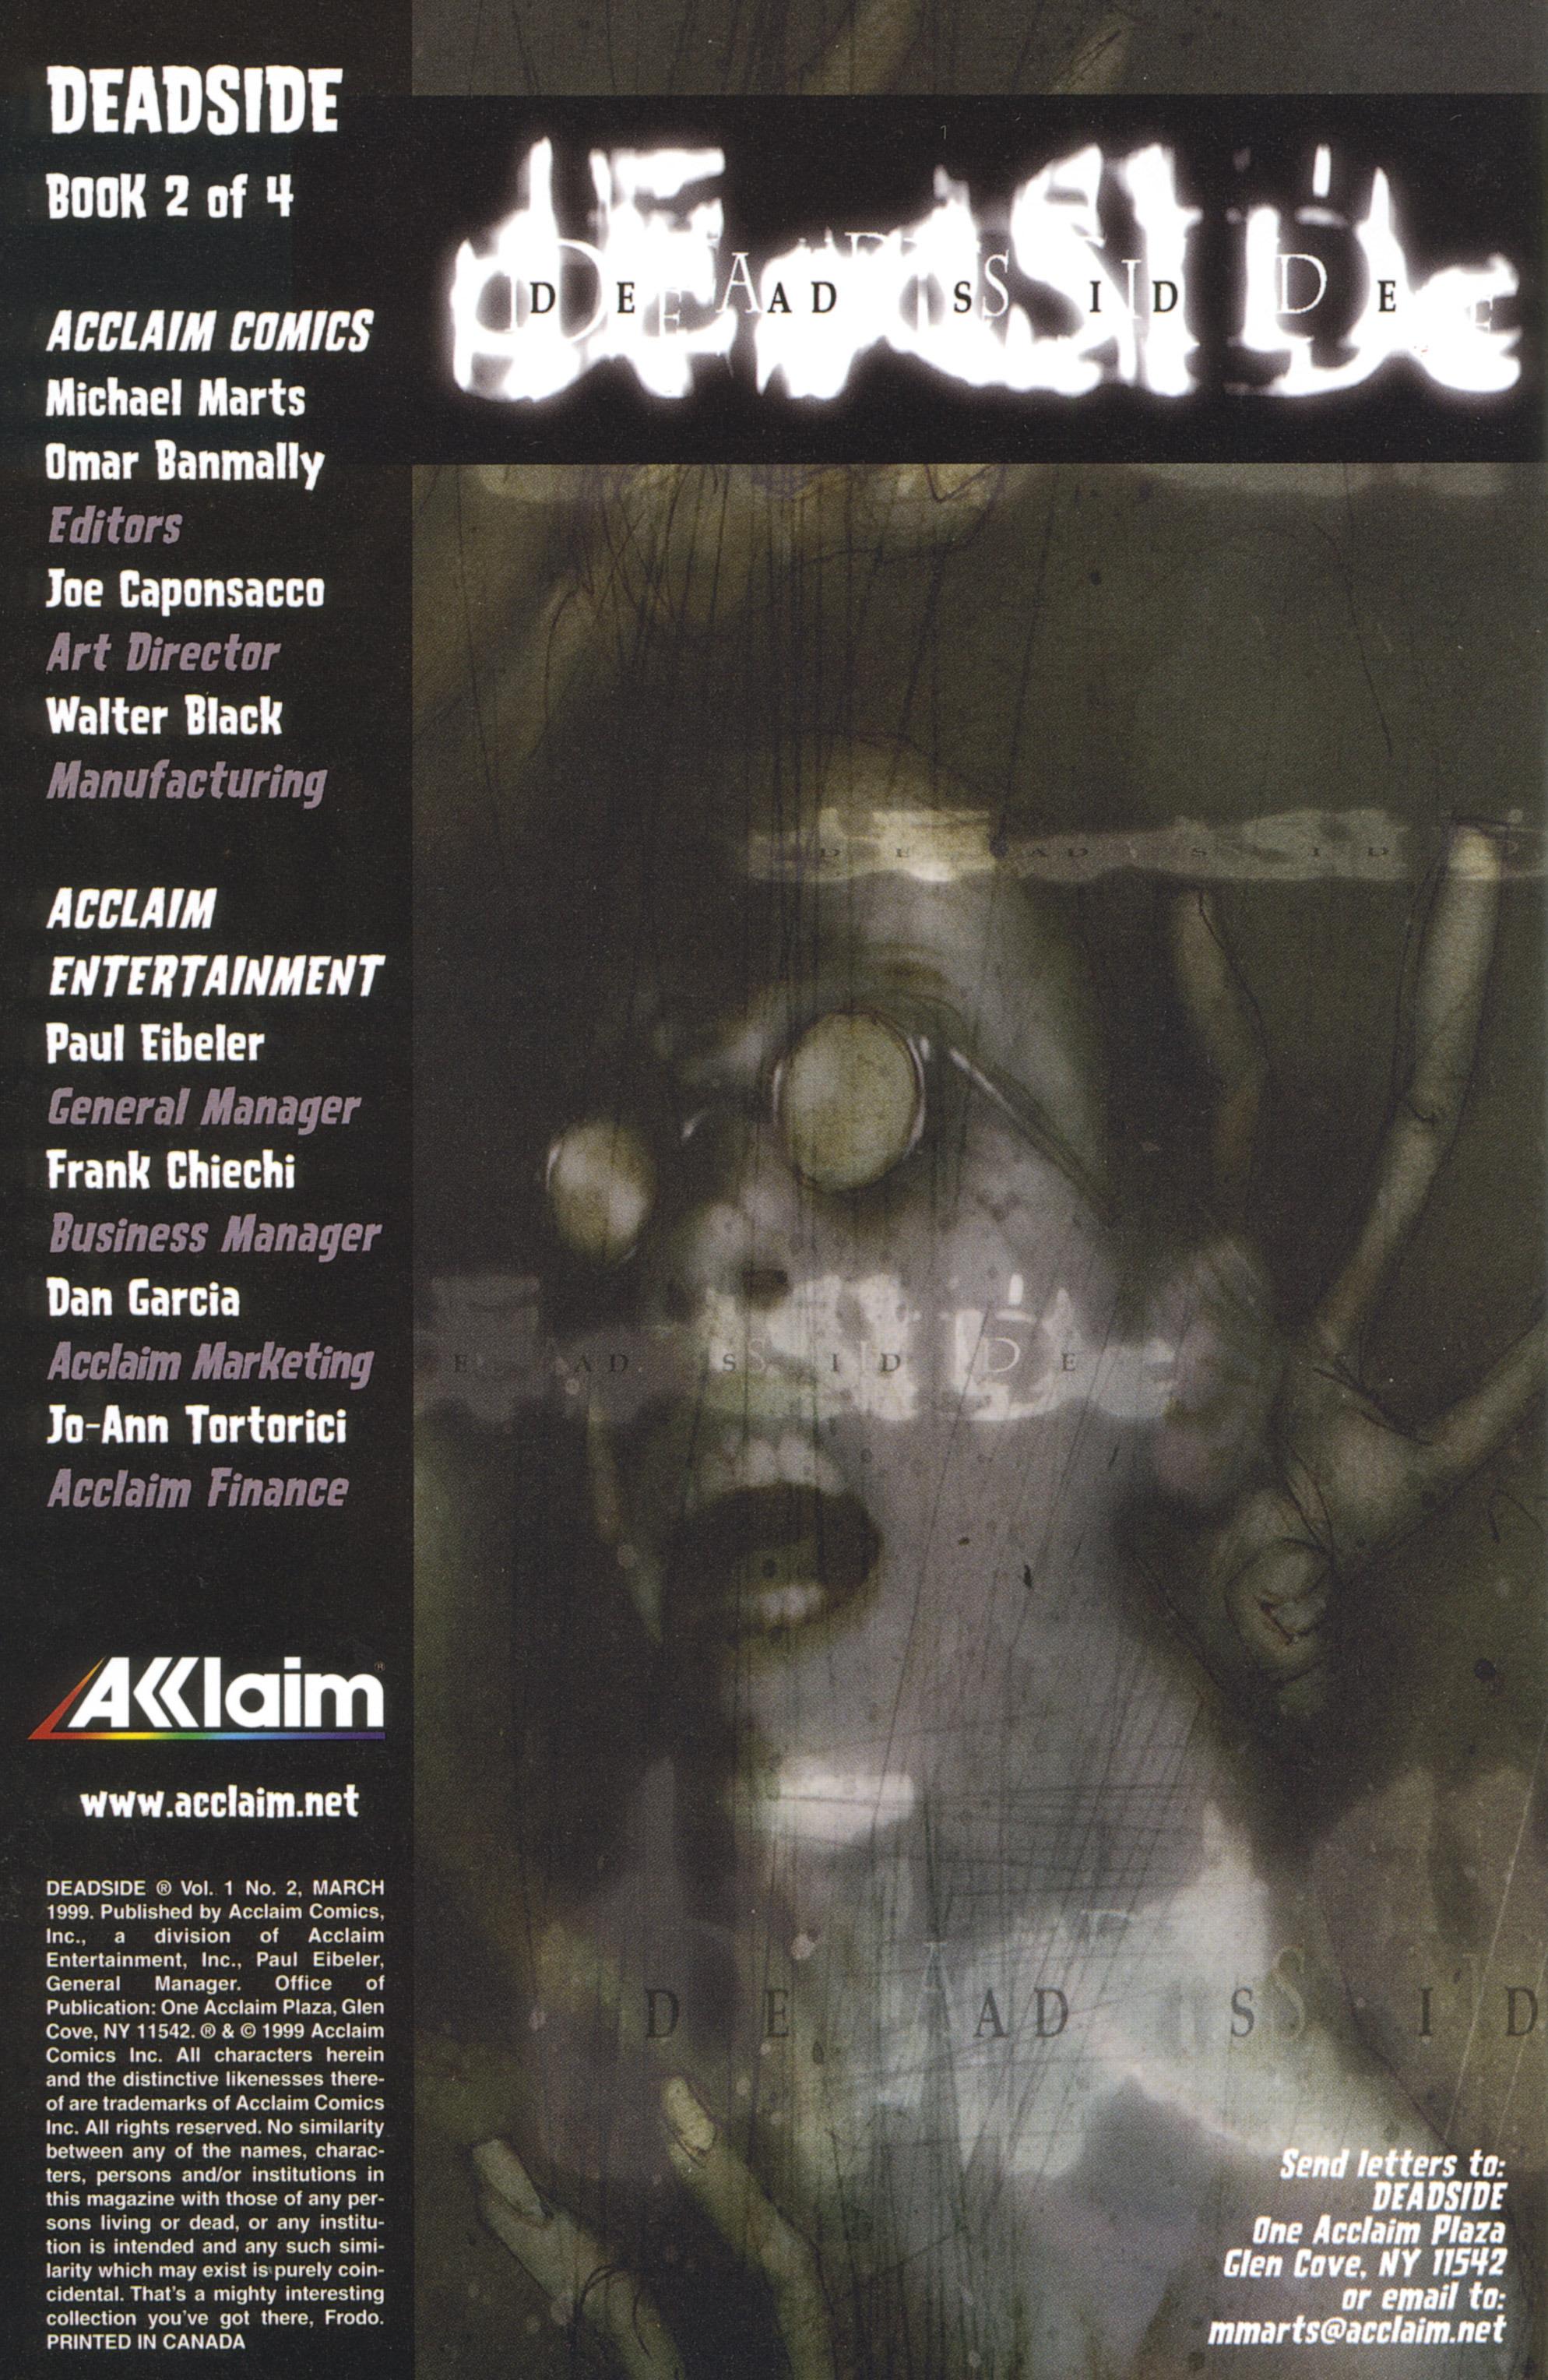 Read online Deadside comic -  Issue #2 - 4